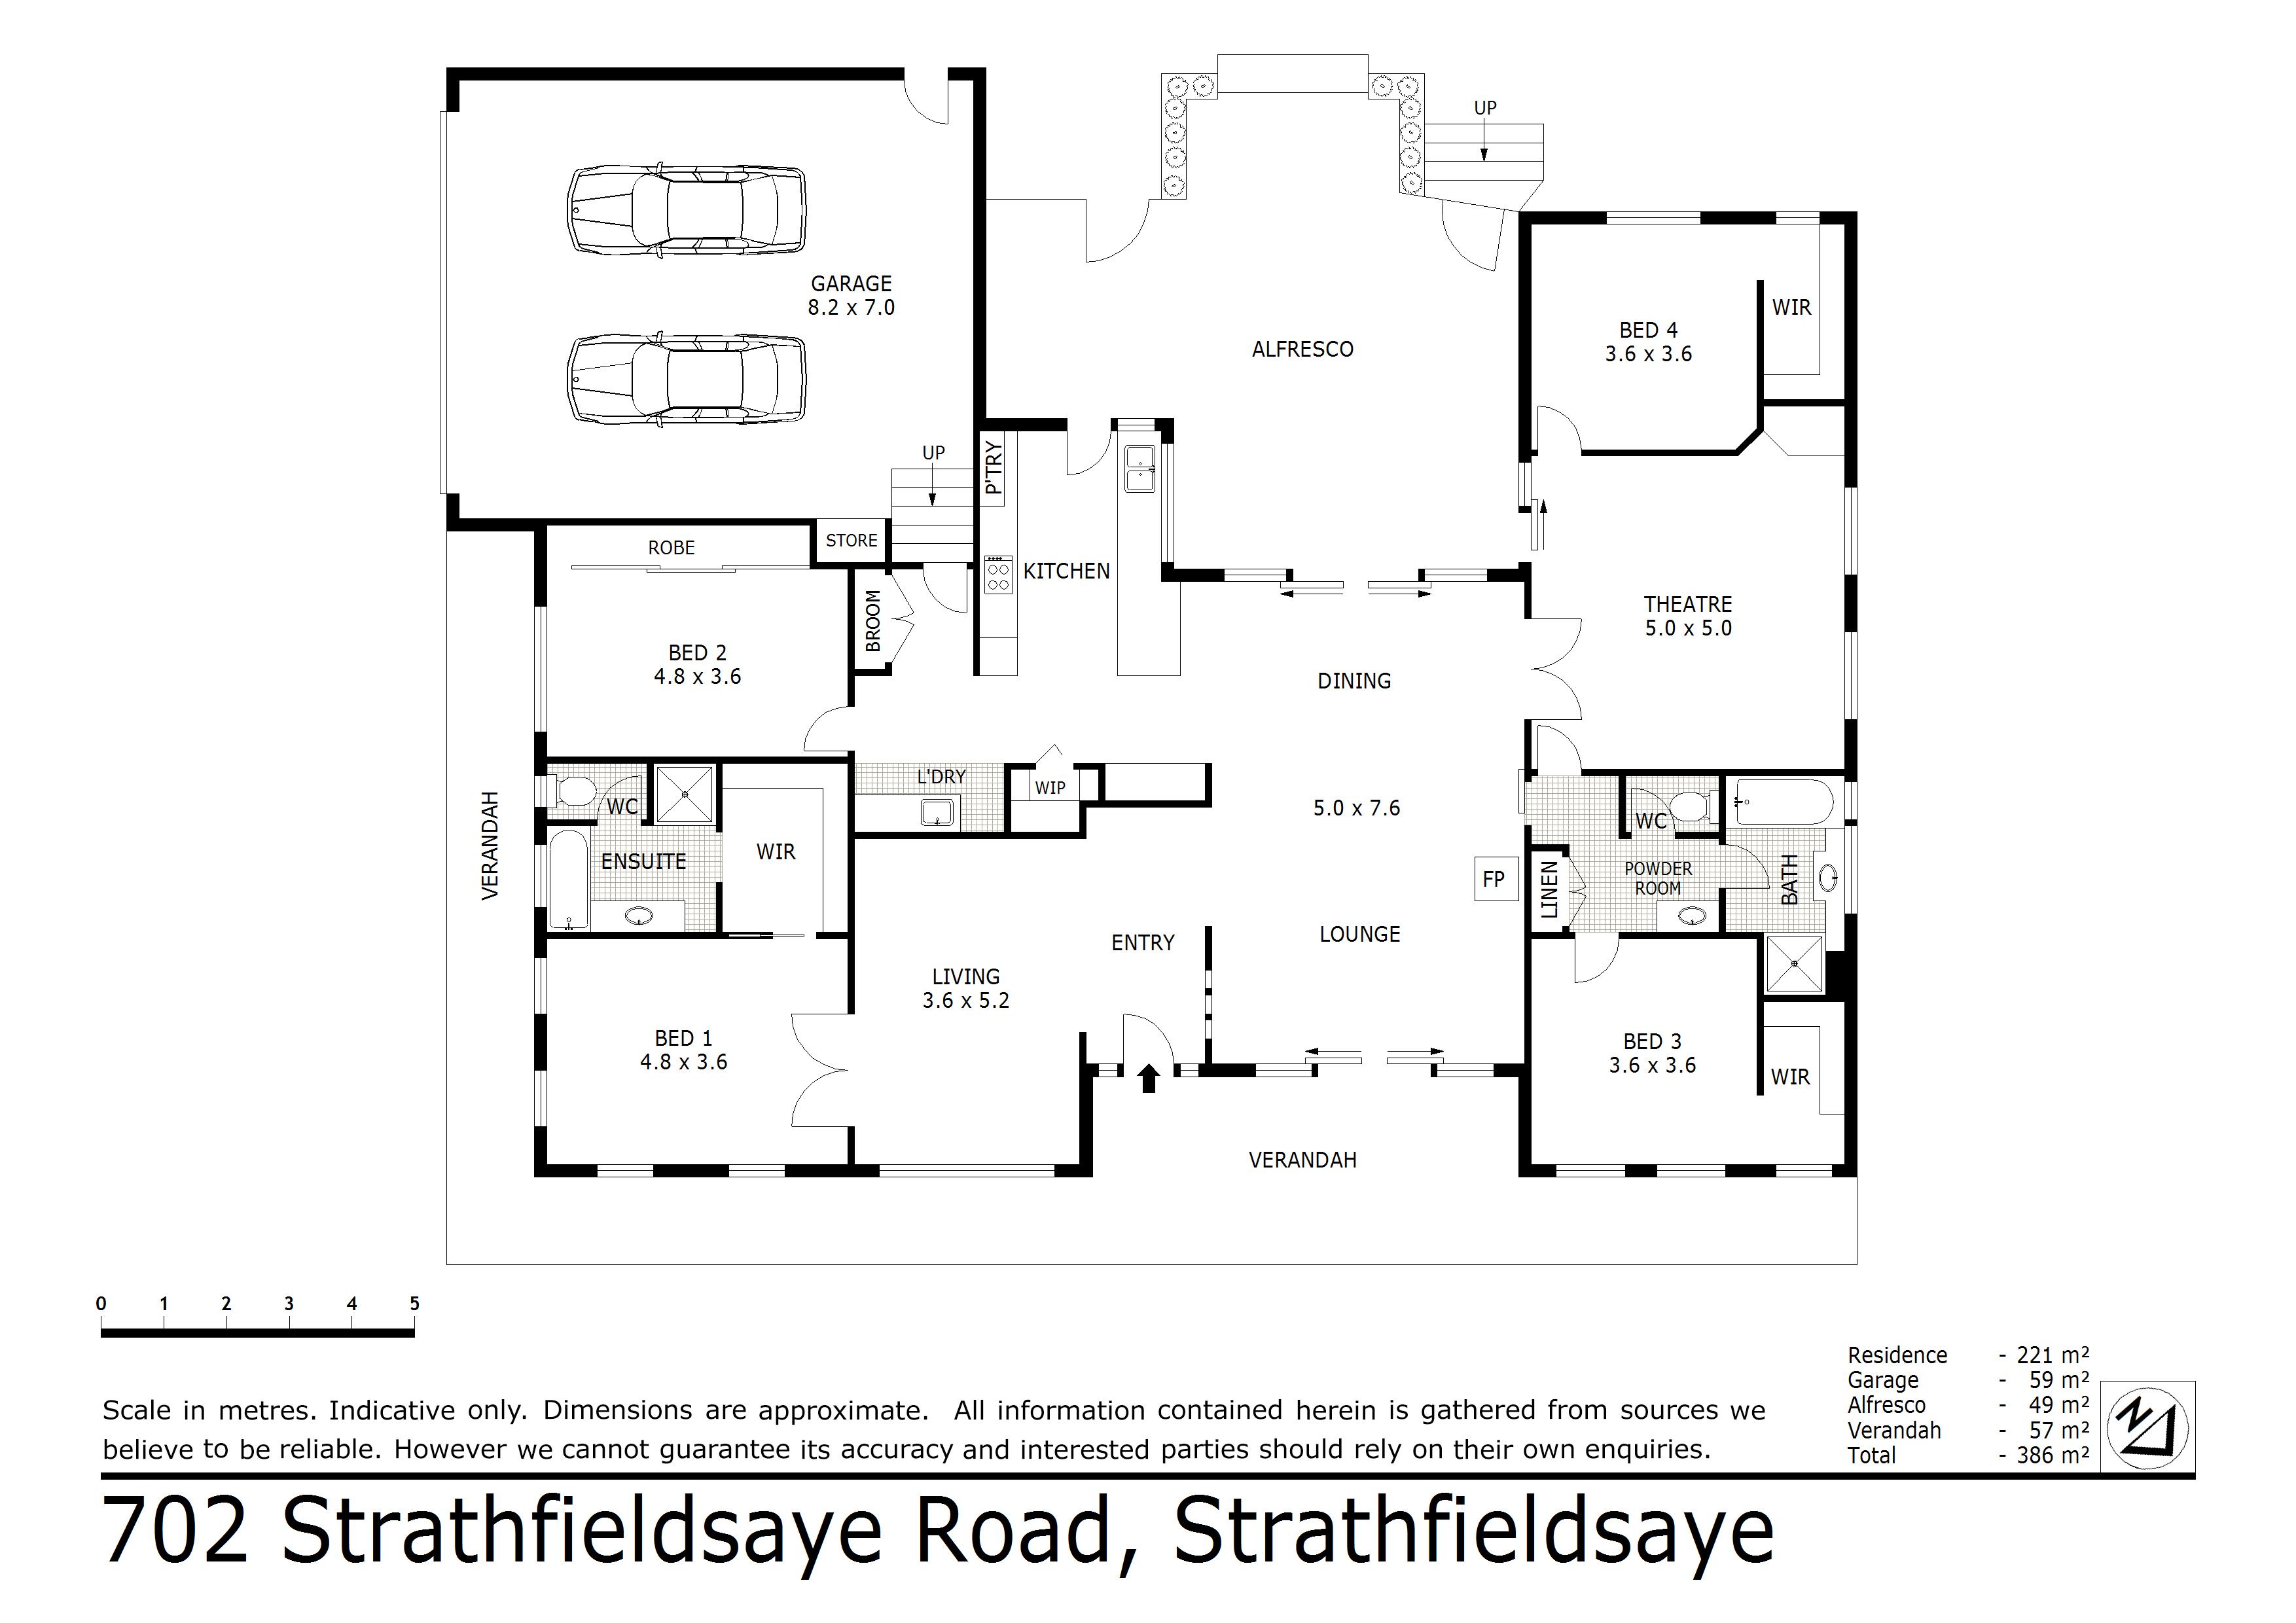 702 Strathfieldsaye Road, Strathfieldsaye, VIC 3551